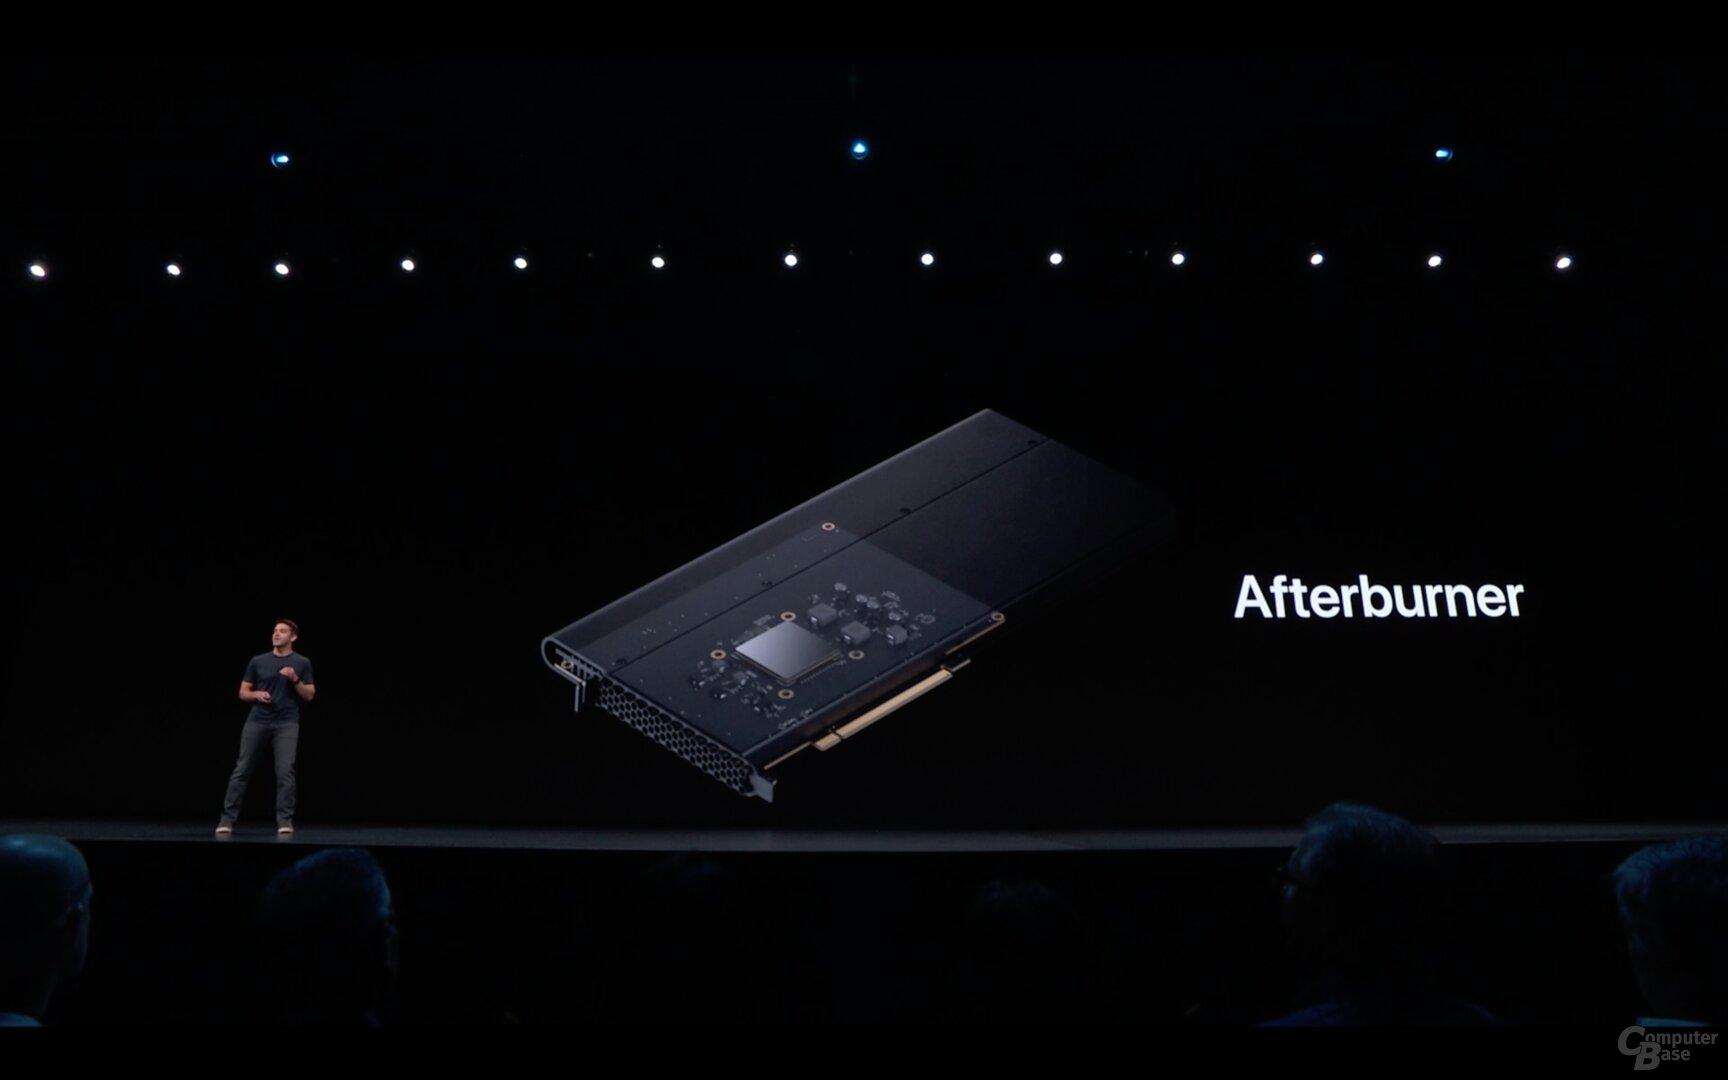 Der Apple Afterburner mit FPGA zur Beschleunigung von ProRes (RAW)